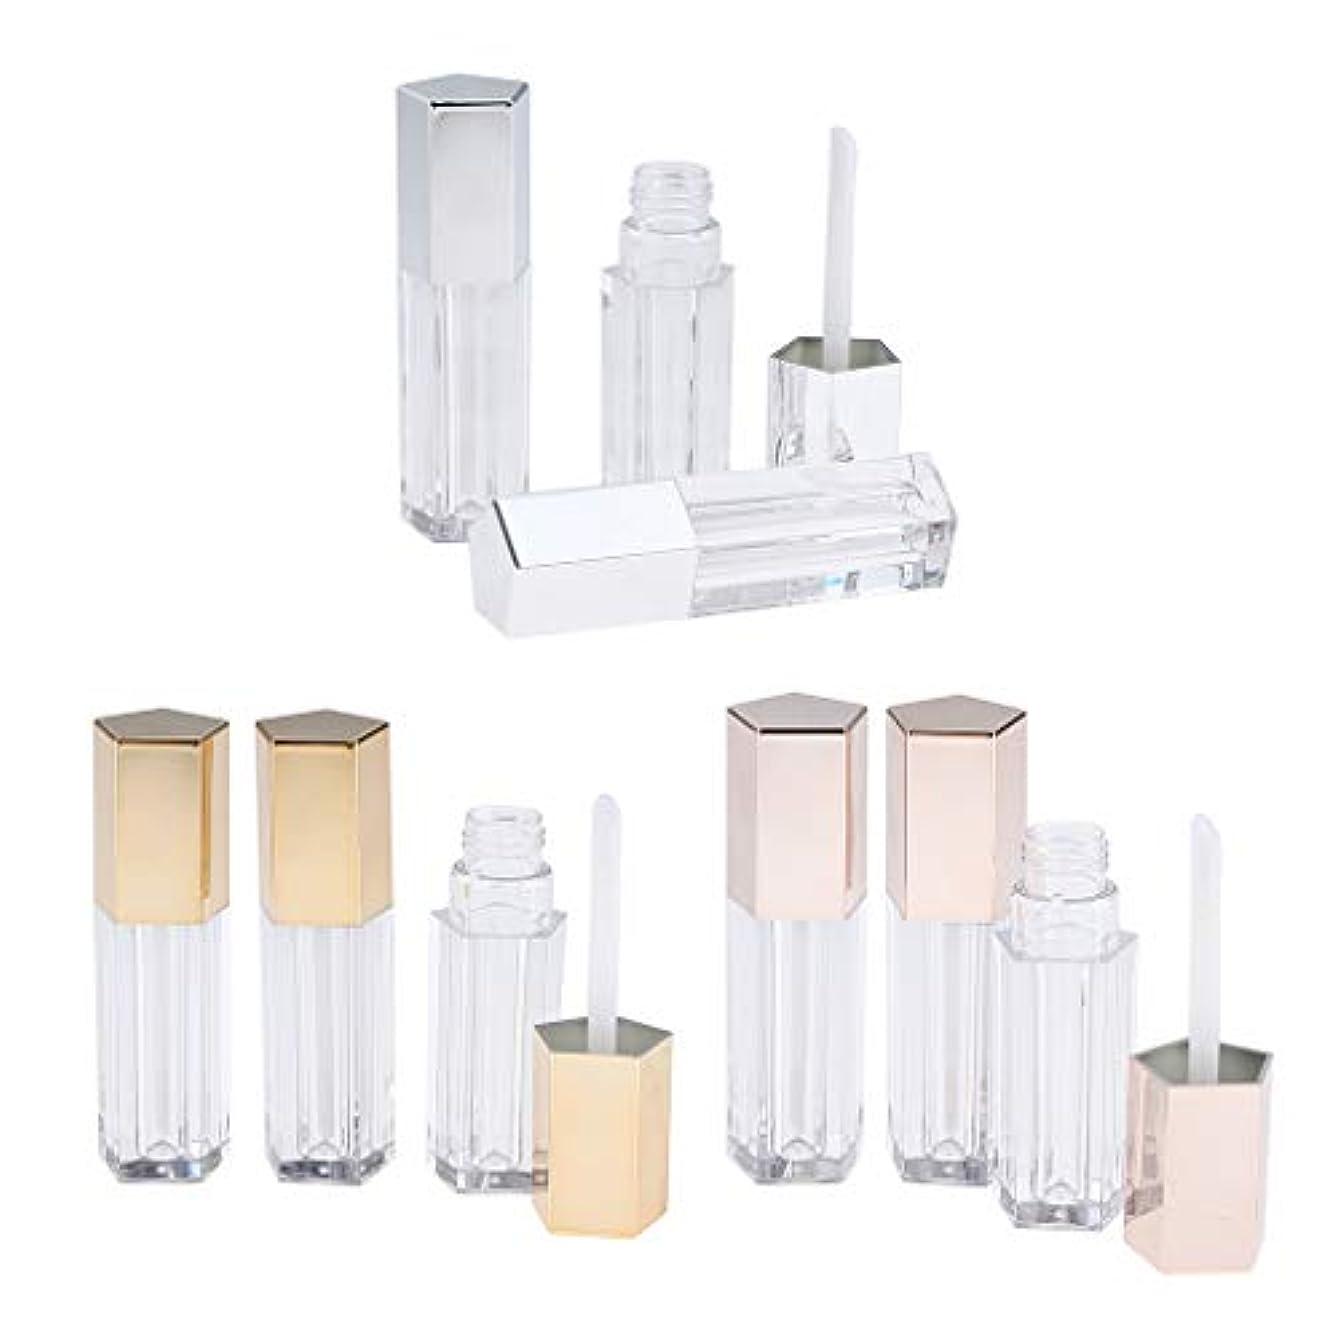 パラシュートモール伝導率9本 リップグロスチューブ 口紅容器 プラスチック製 5ml 手作りコスメ 化粧品コンテナ